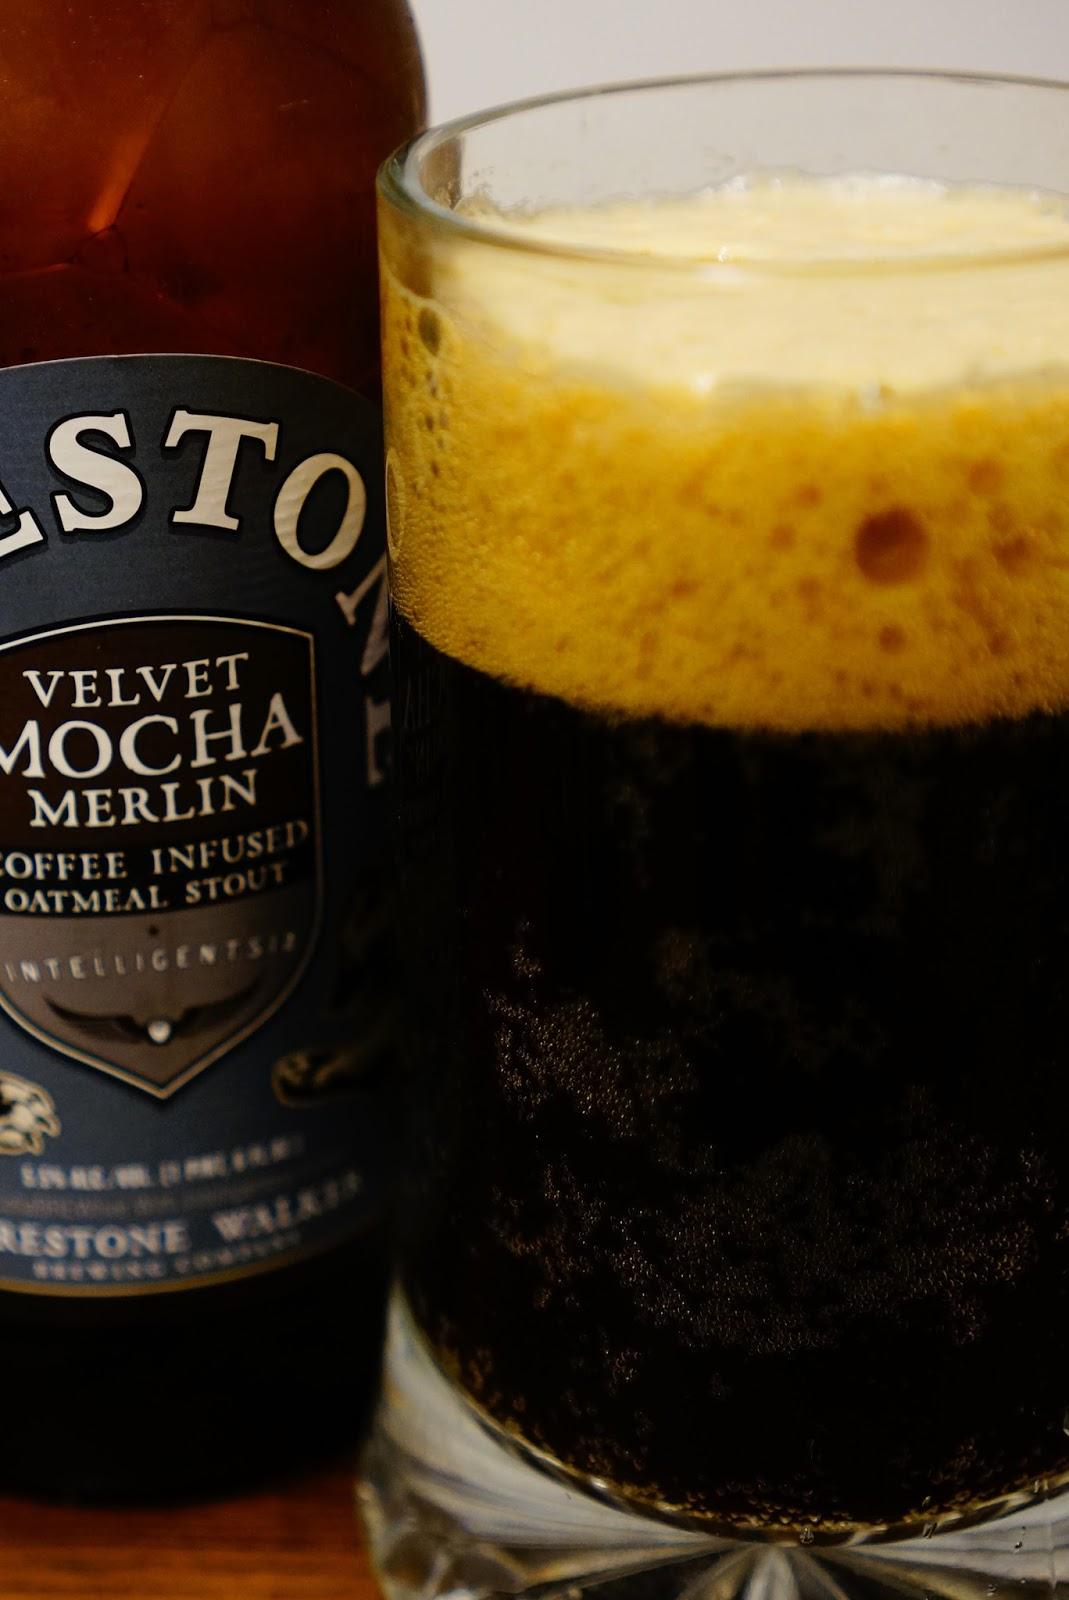 Firestone Walker Velvet Mocha Merlin, full pour